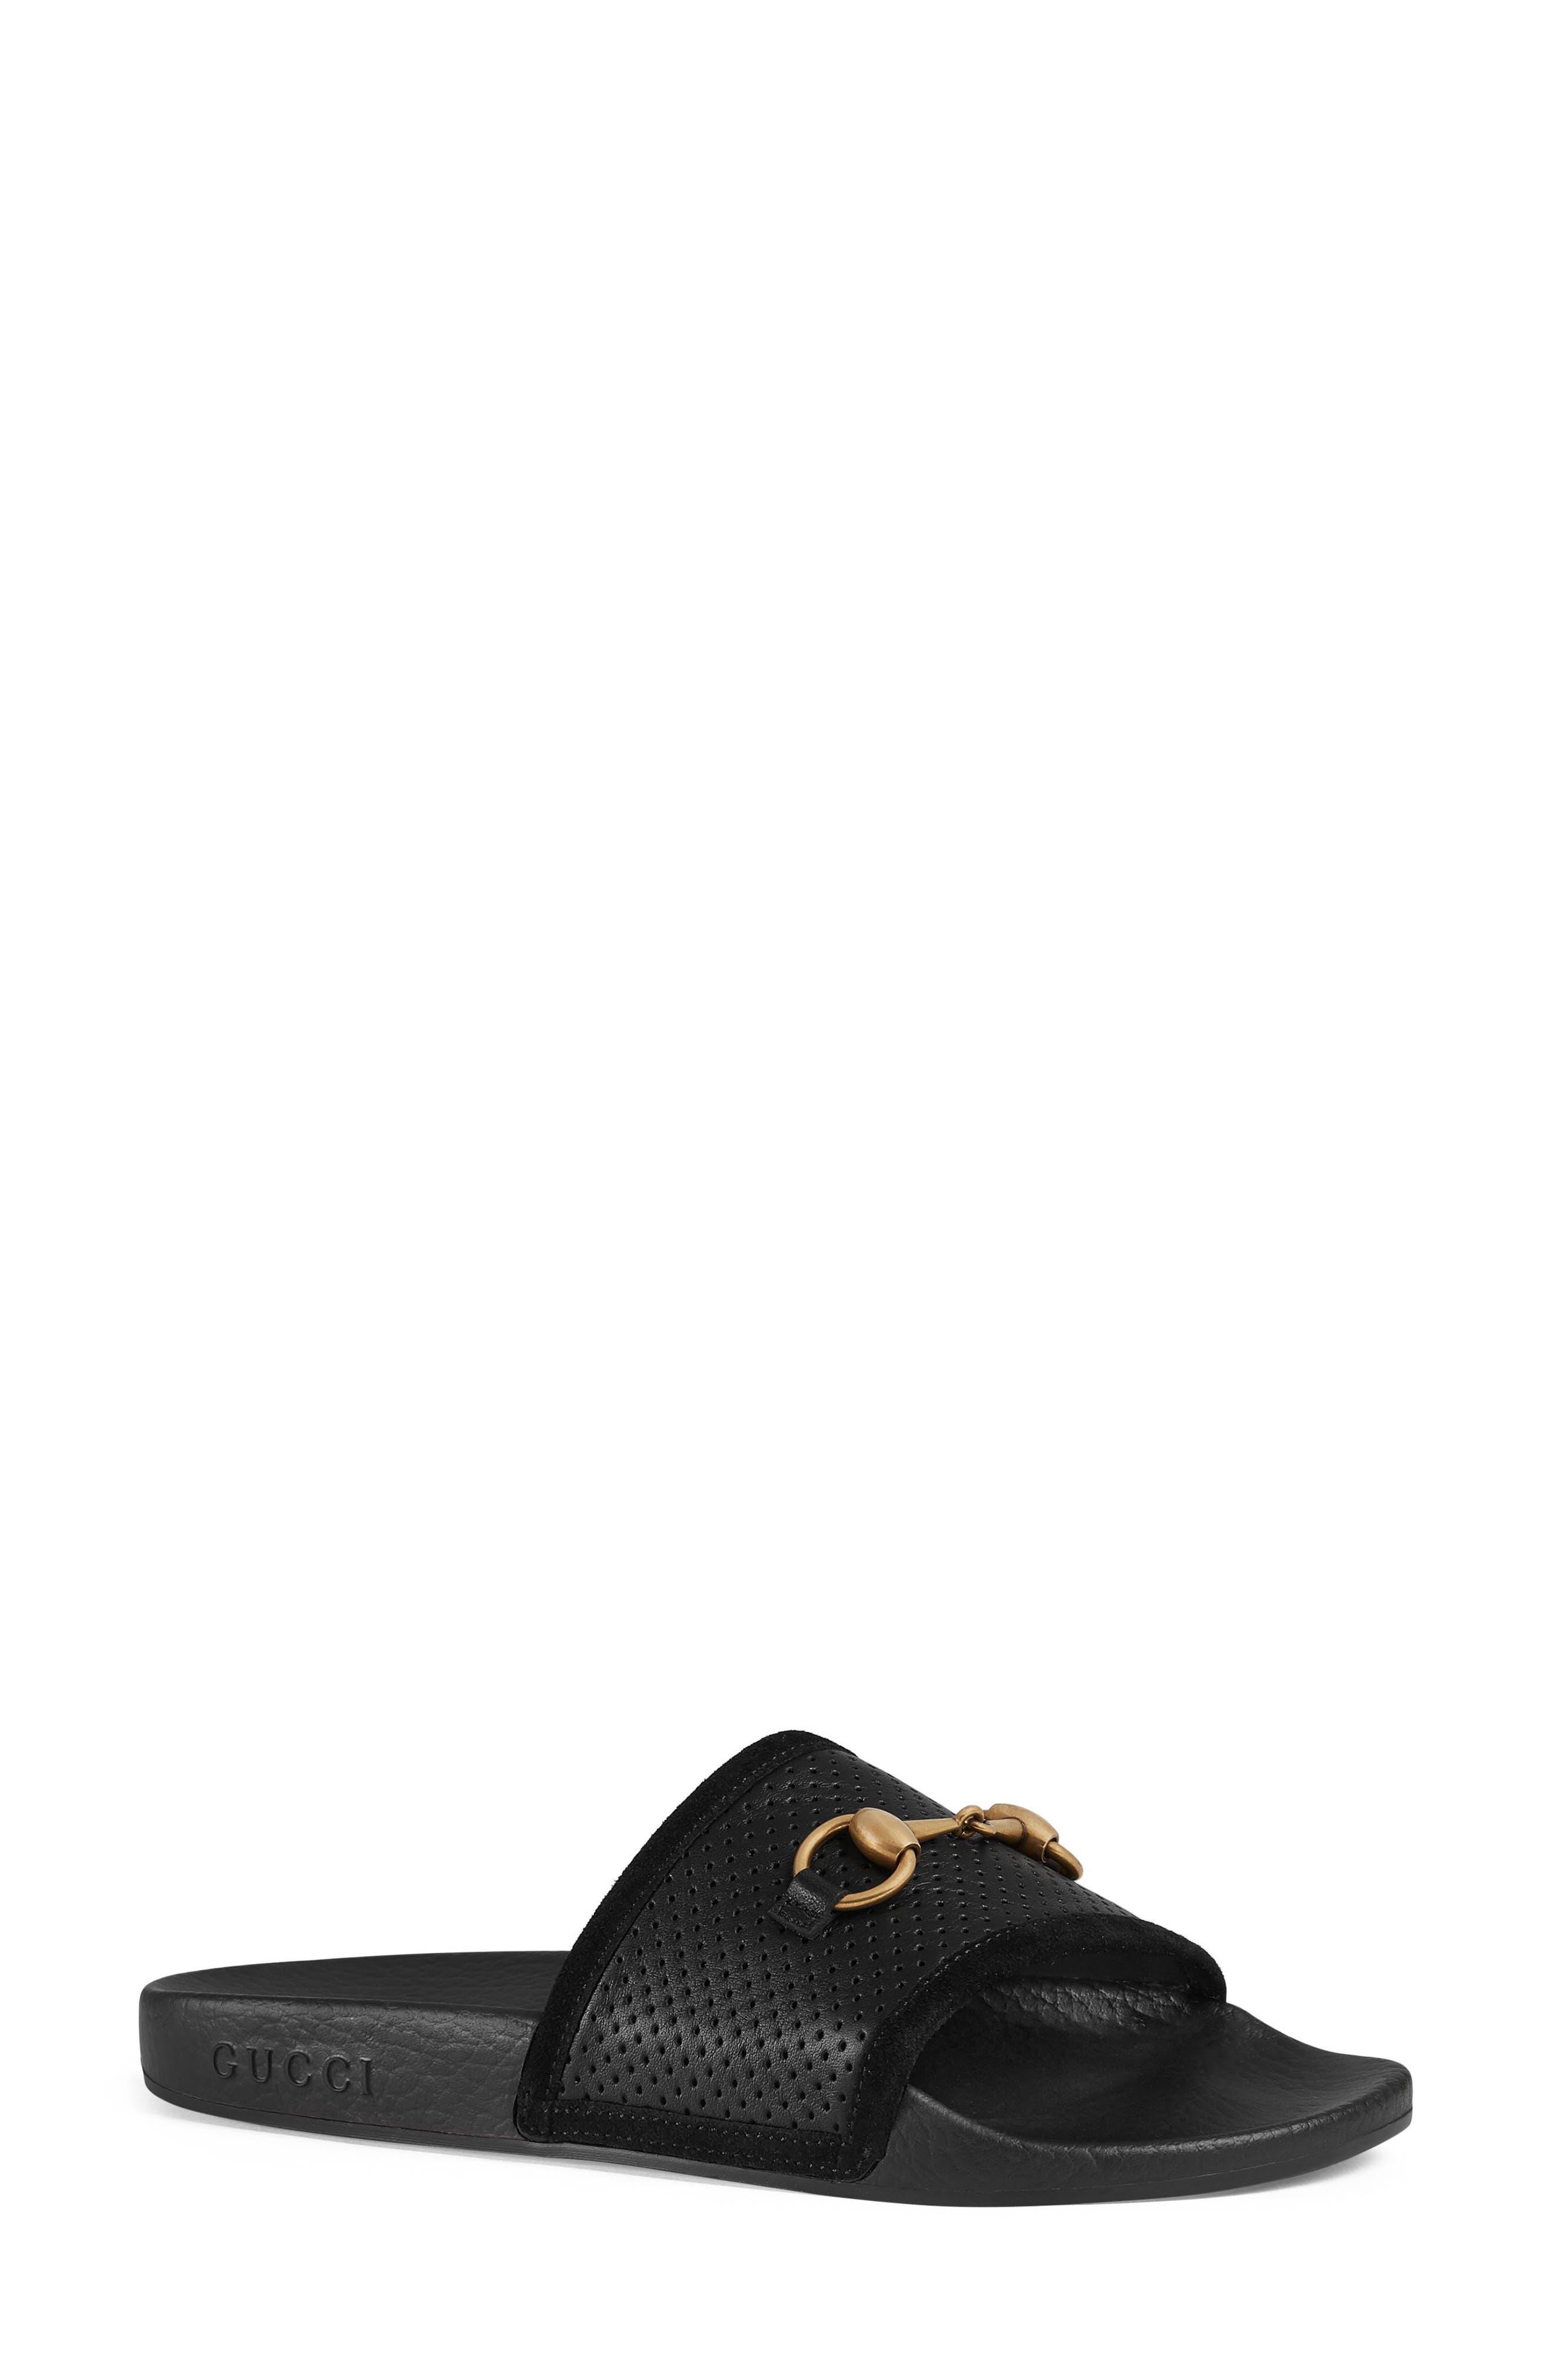 GUCCI Pursuit Horsebit Slide Sandal, Main, color, 001